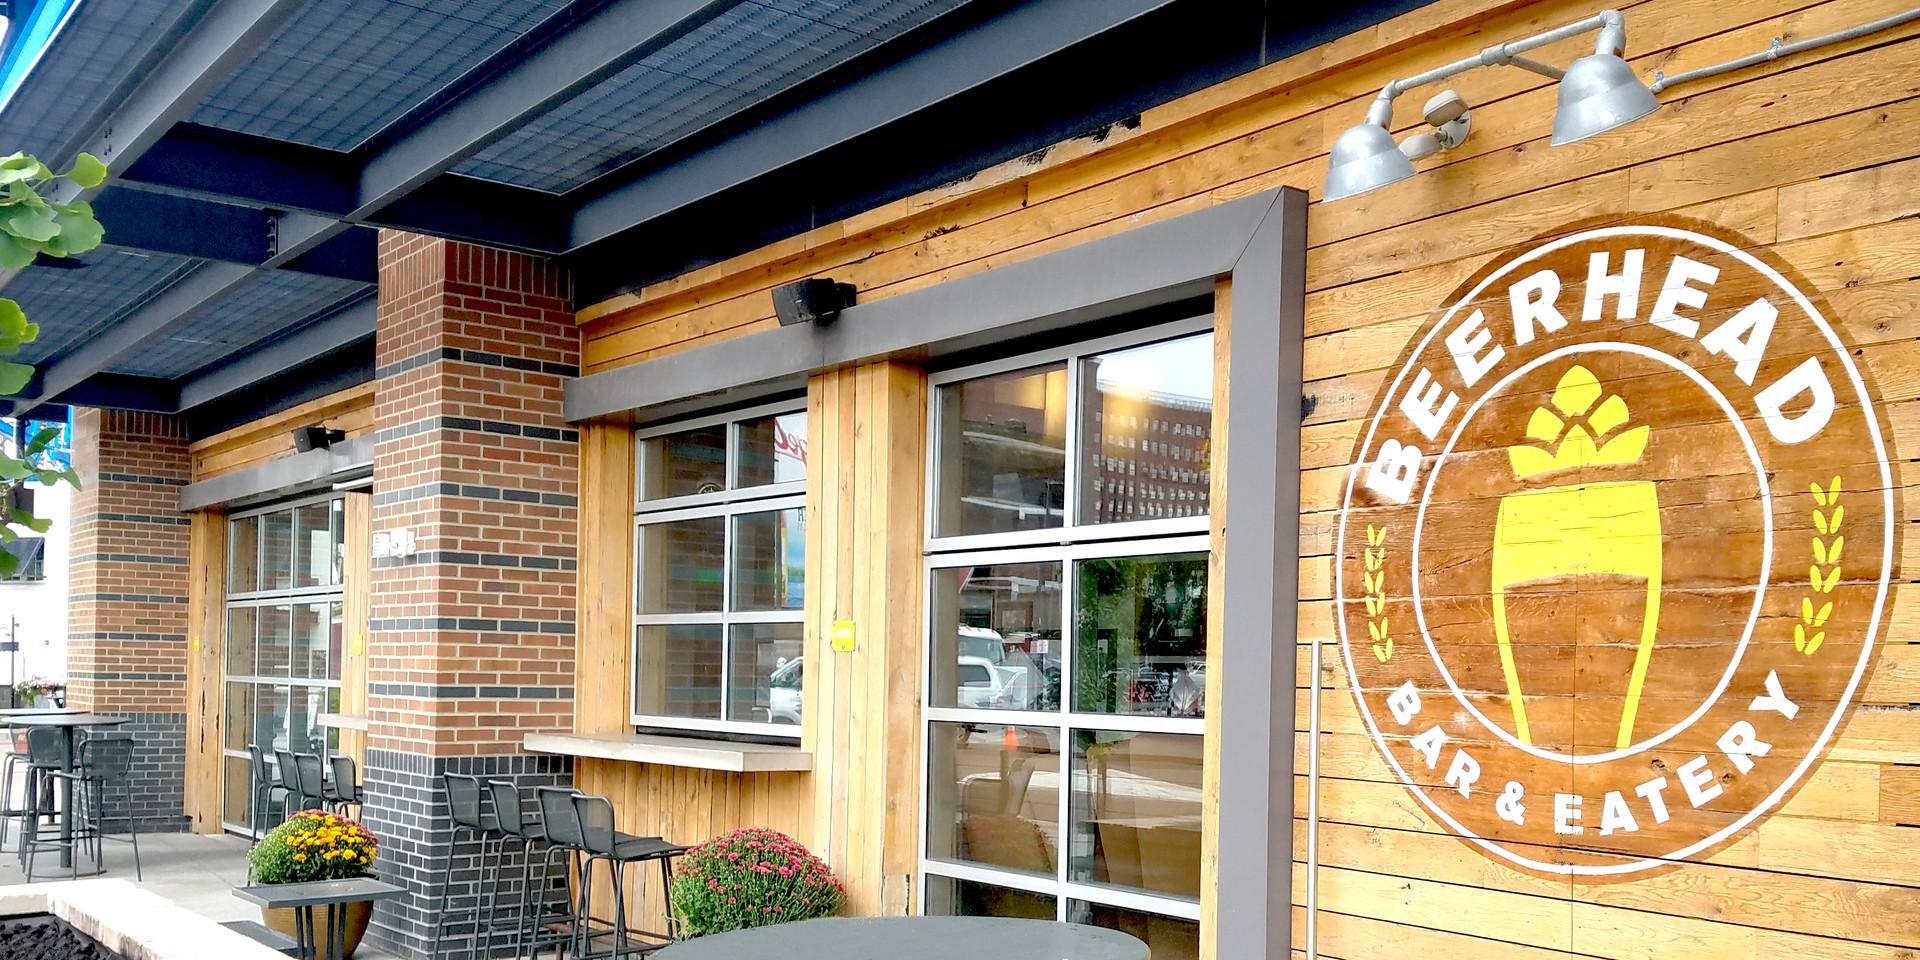 BeerHead Edit 6 copy.jpg